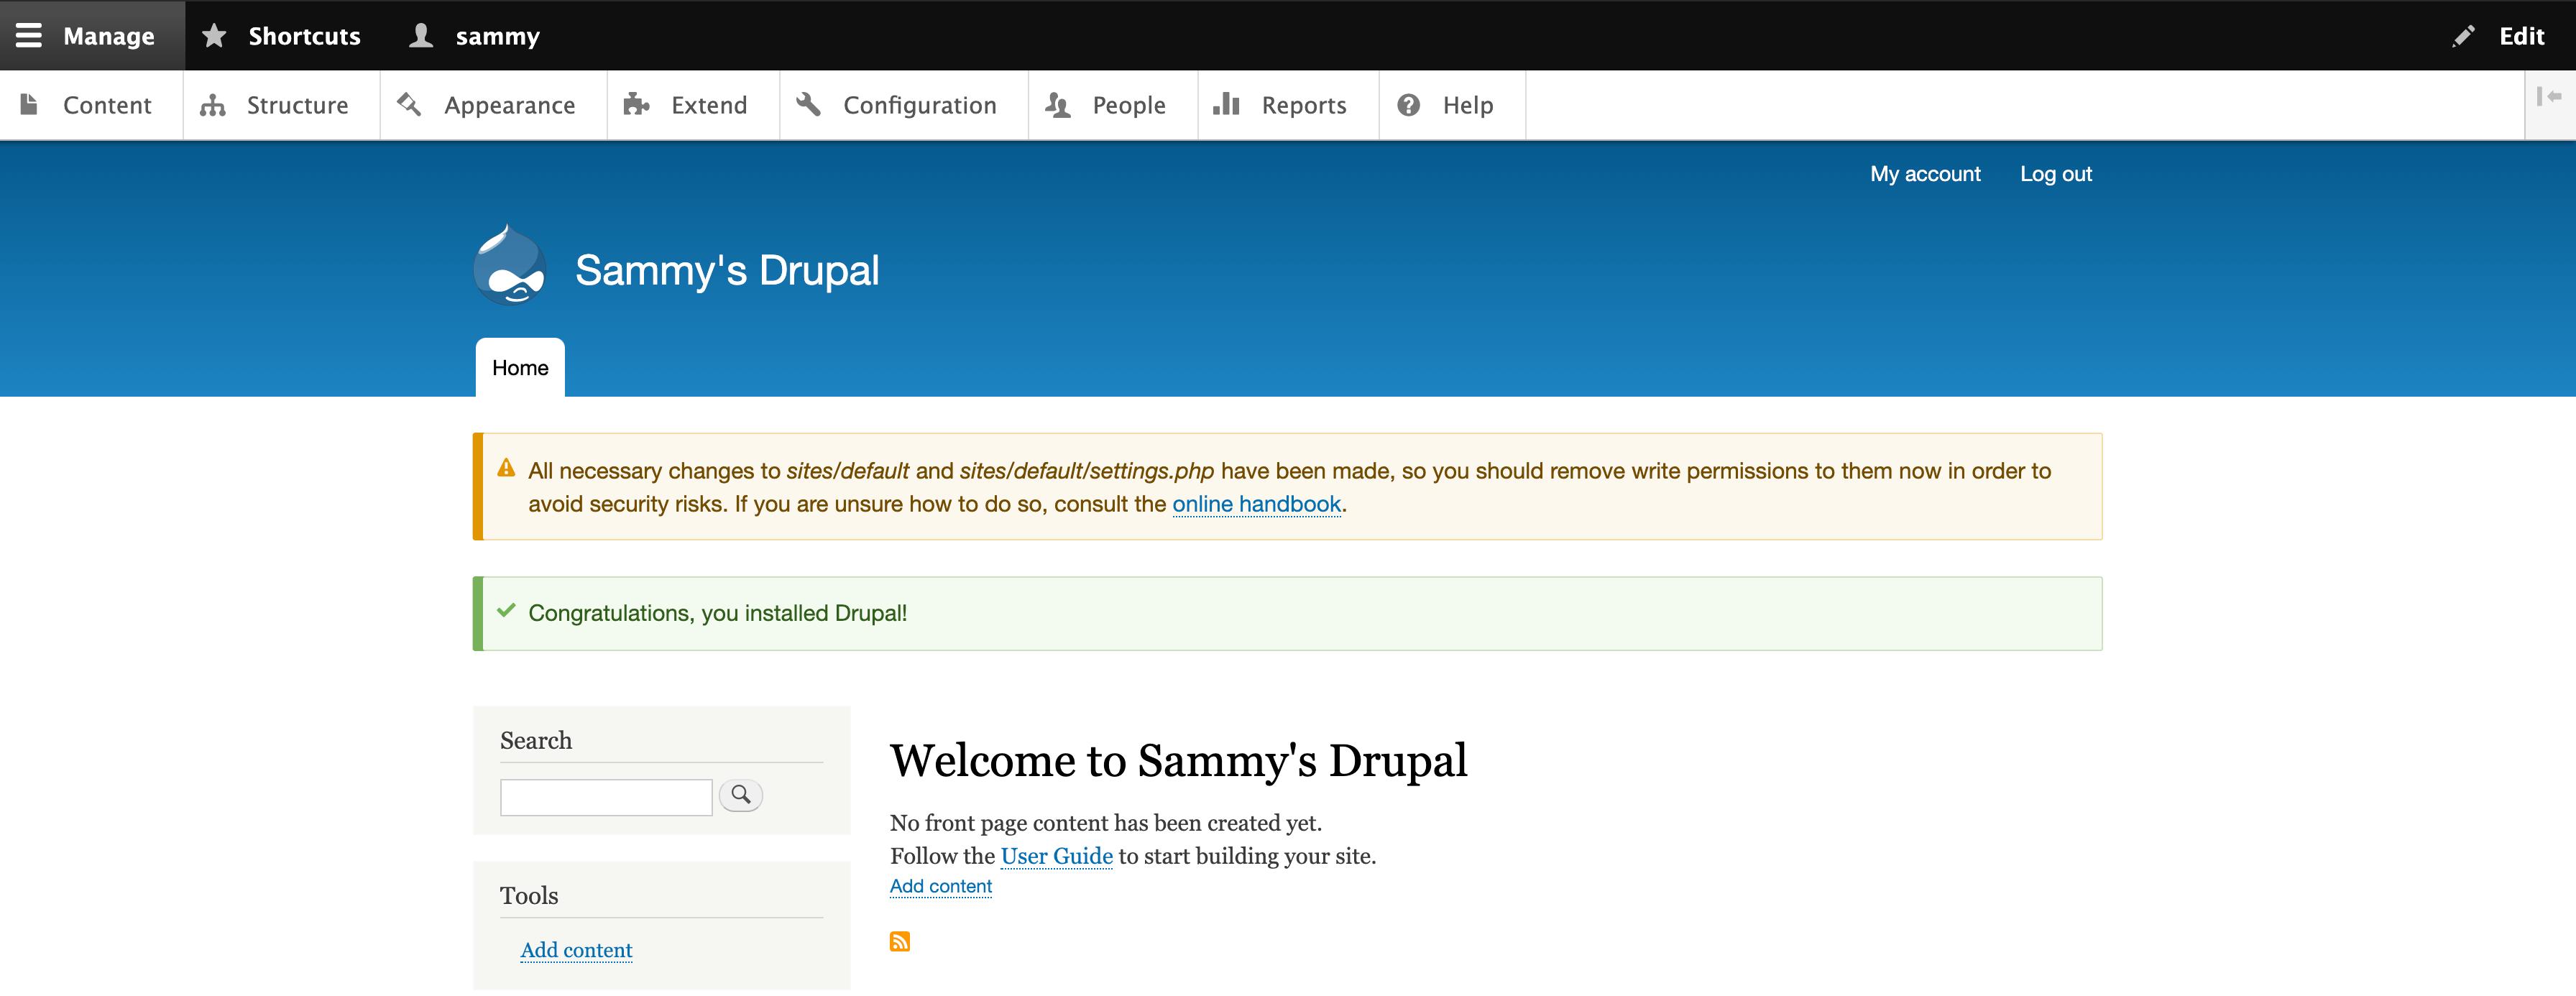 Приветственное сообщение Drupal 9 с предупреждением о разрешениях